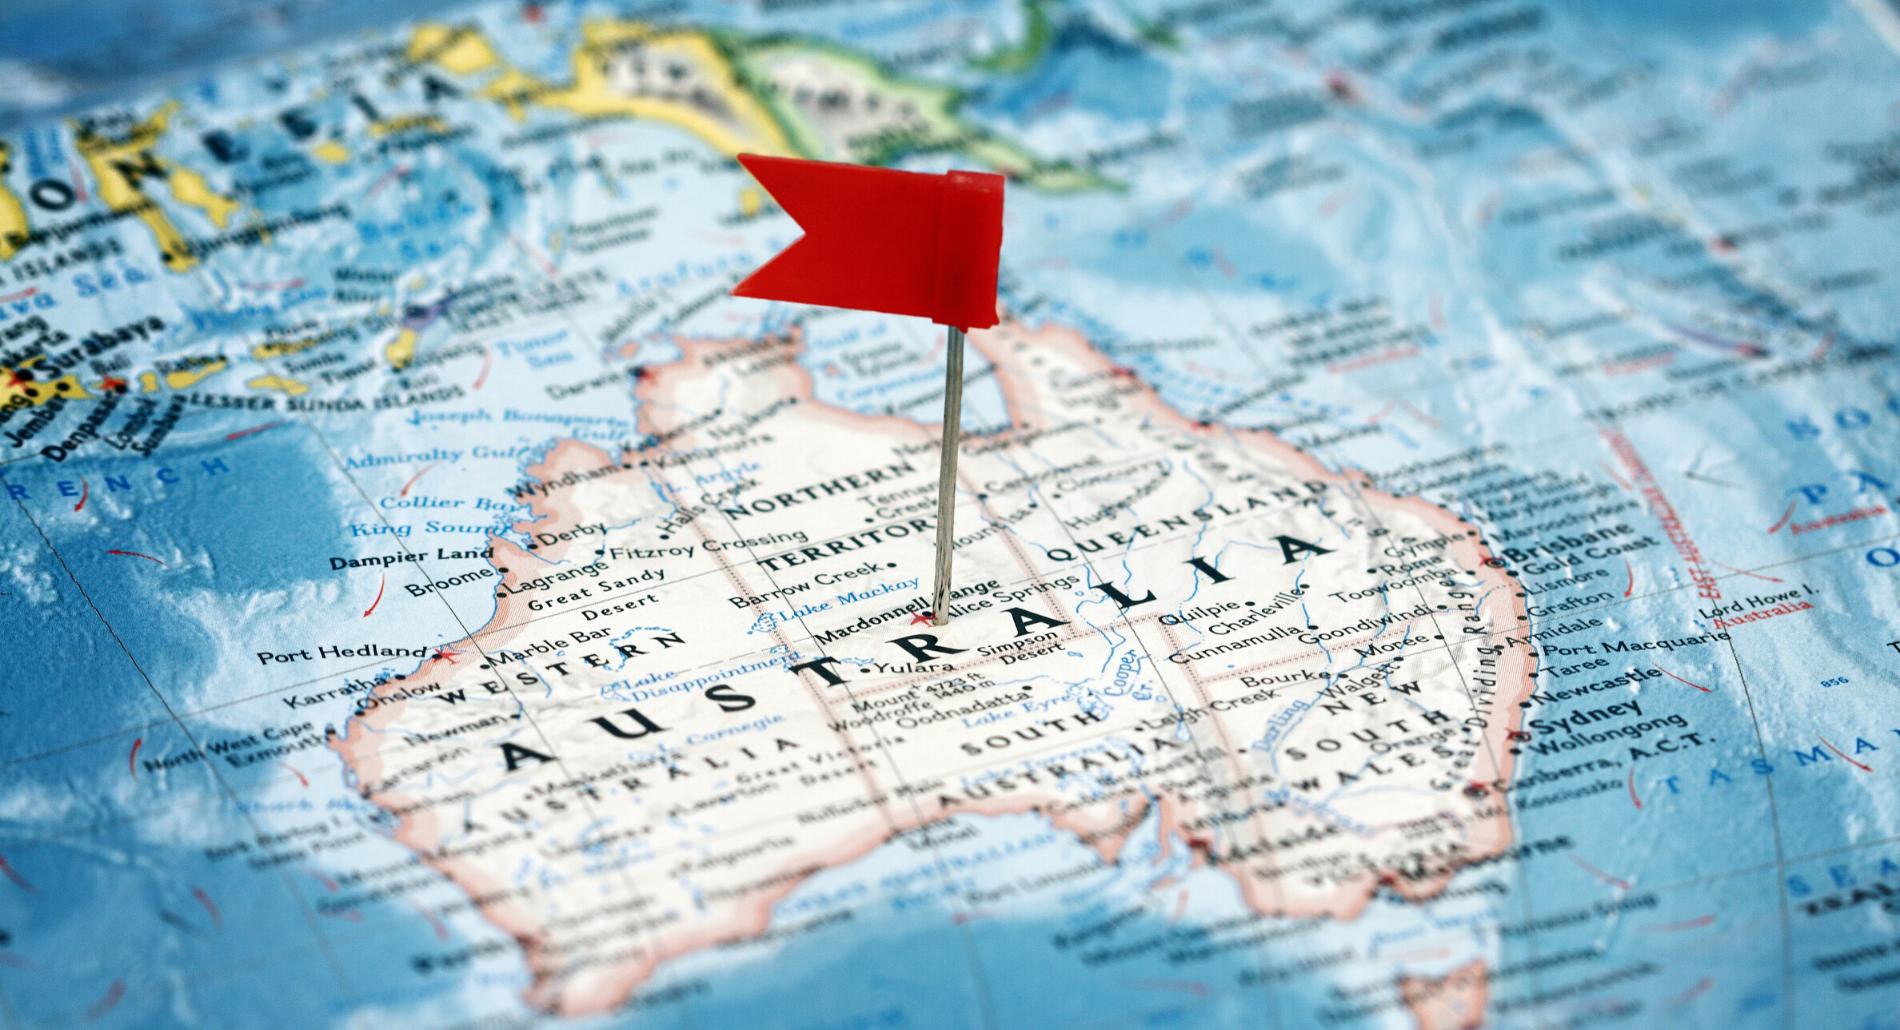 Que cursos técnicos posso fazer na Austrália?